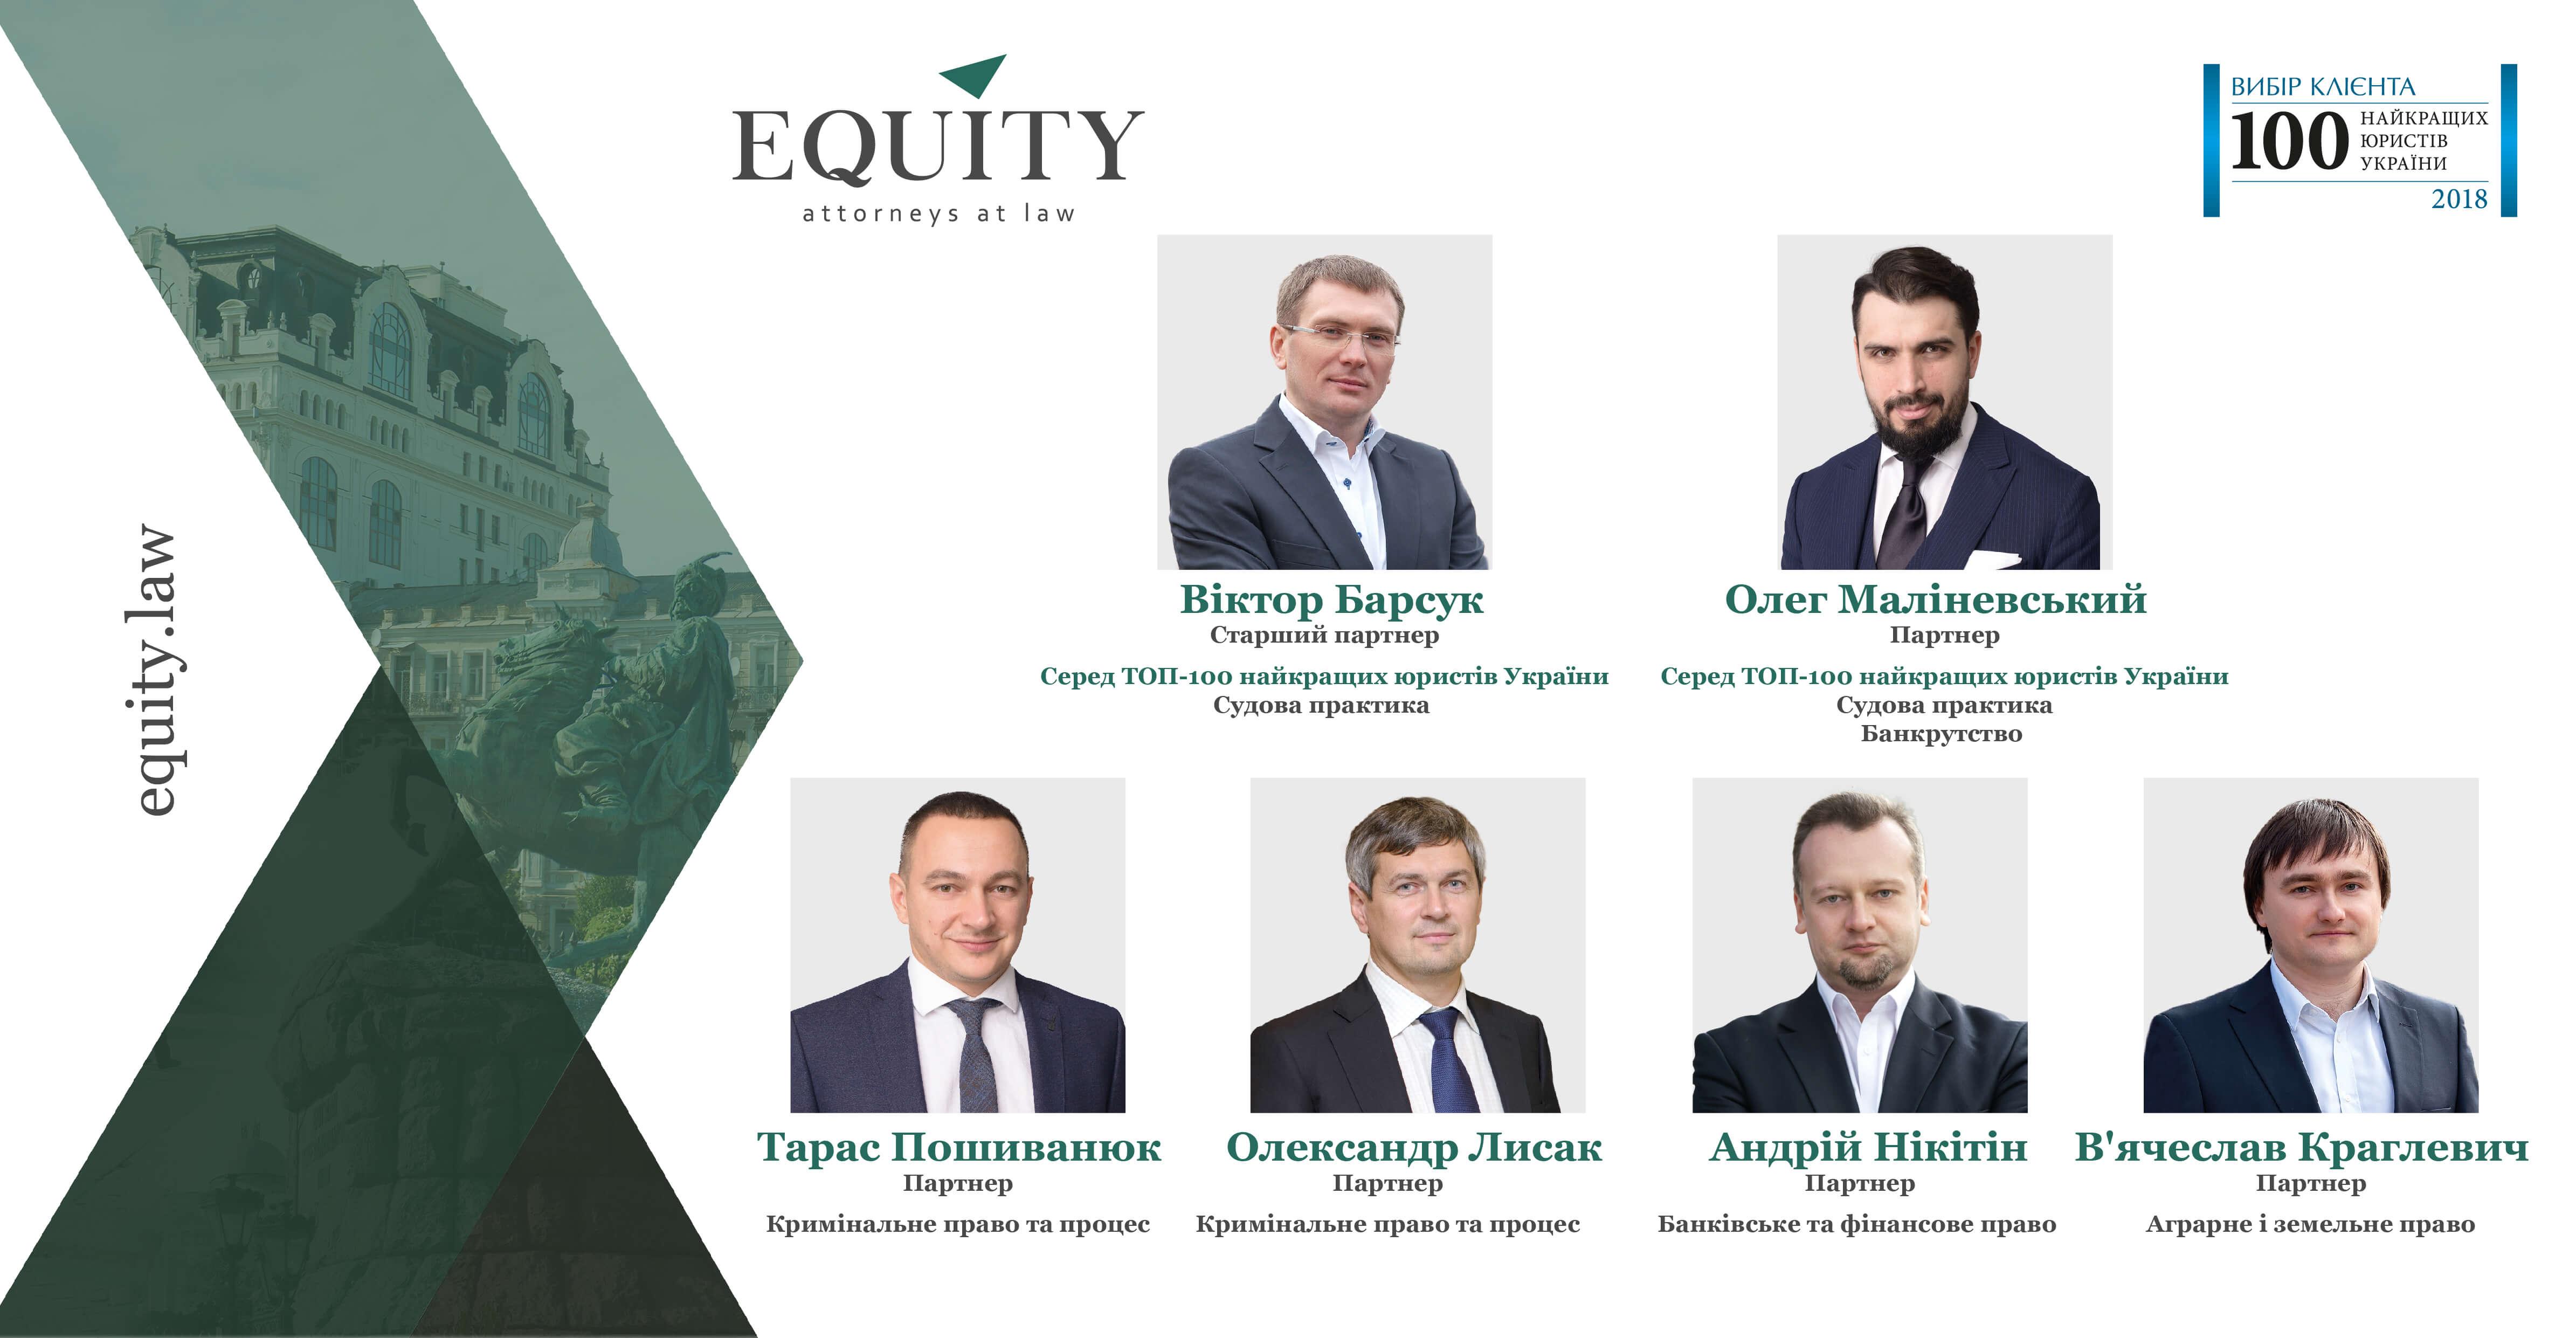 """Команда <span class=""""equity"""">EQUITY</span> отримала чергове національне визнання!"""